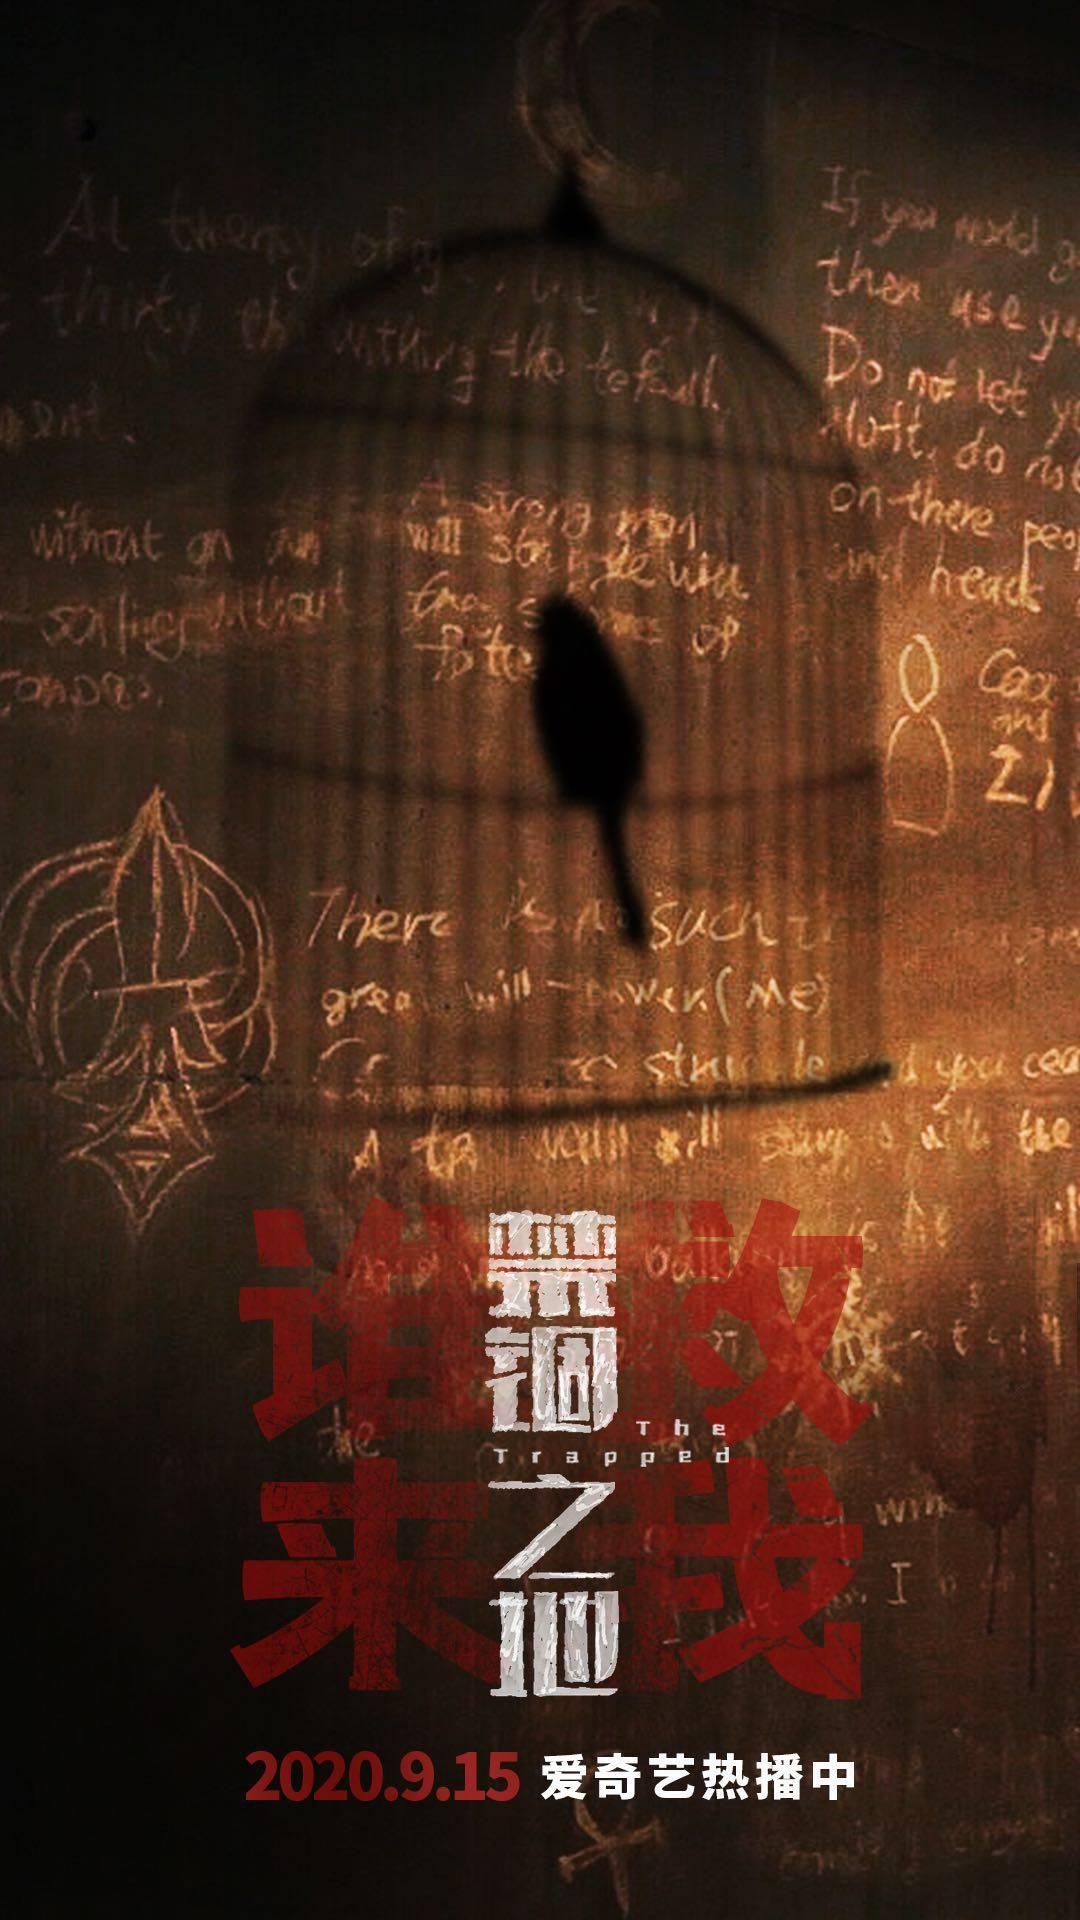 犯罪悬疑大片《禁锢之地》受影迷好评:视听刺激与社会意义兼具